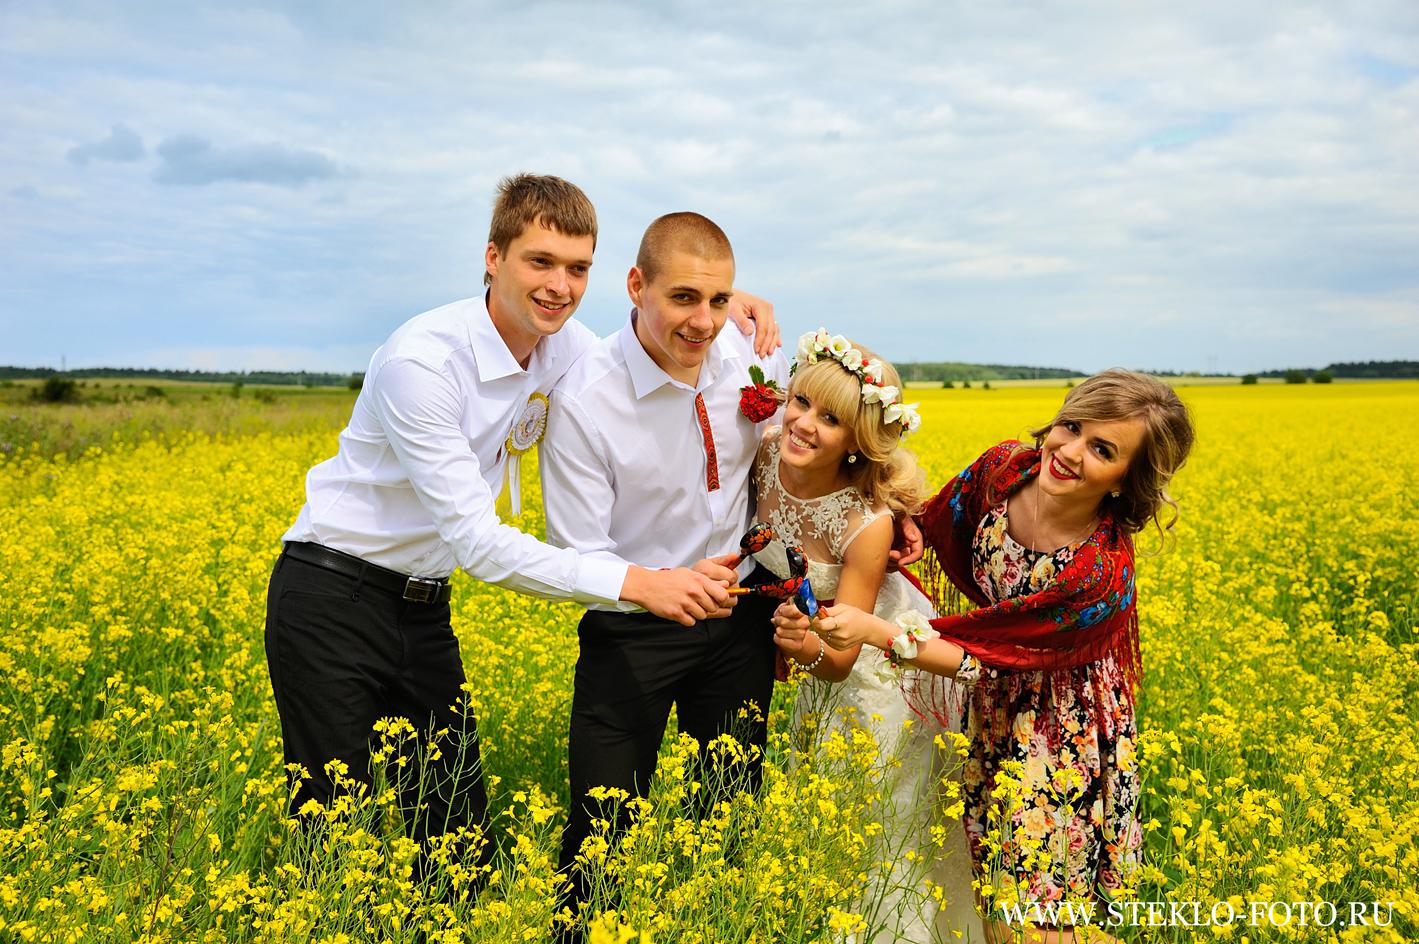 Фото свадьбы в русском стиле летом